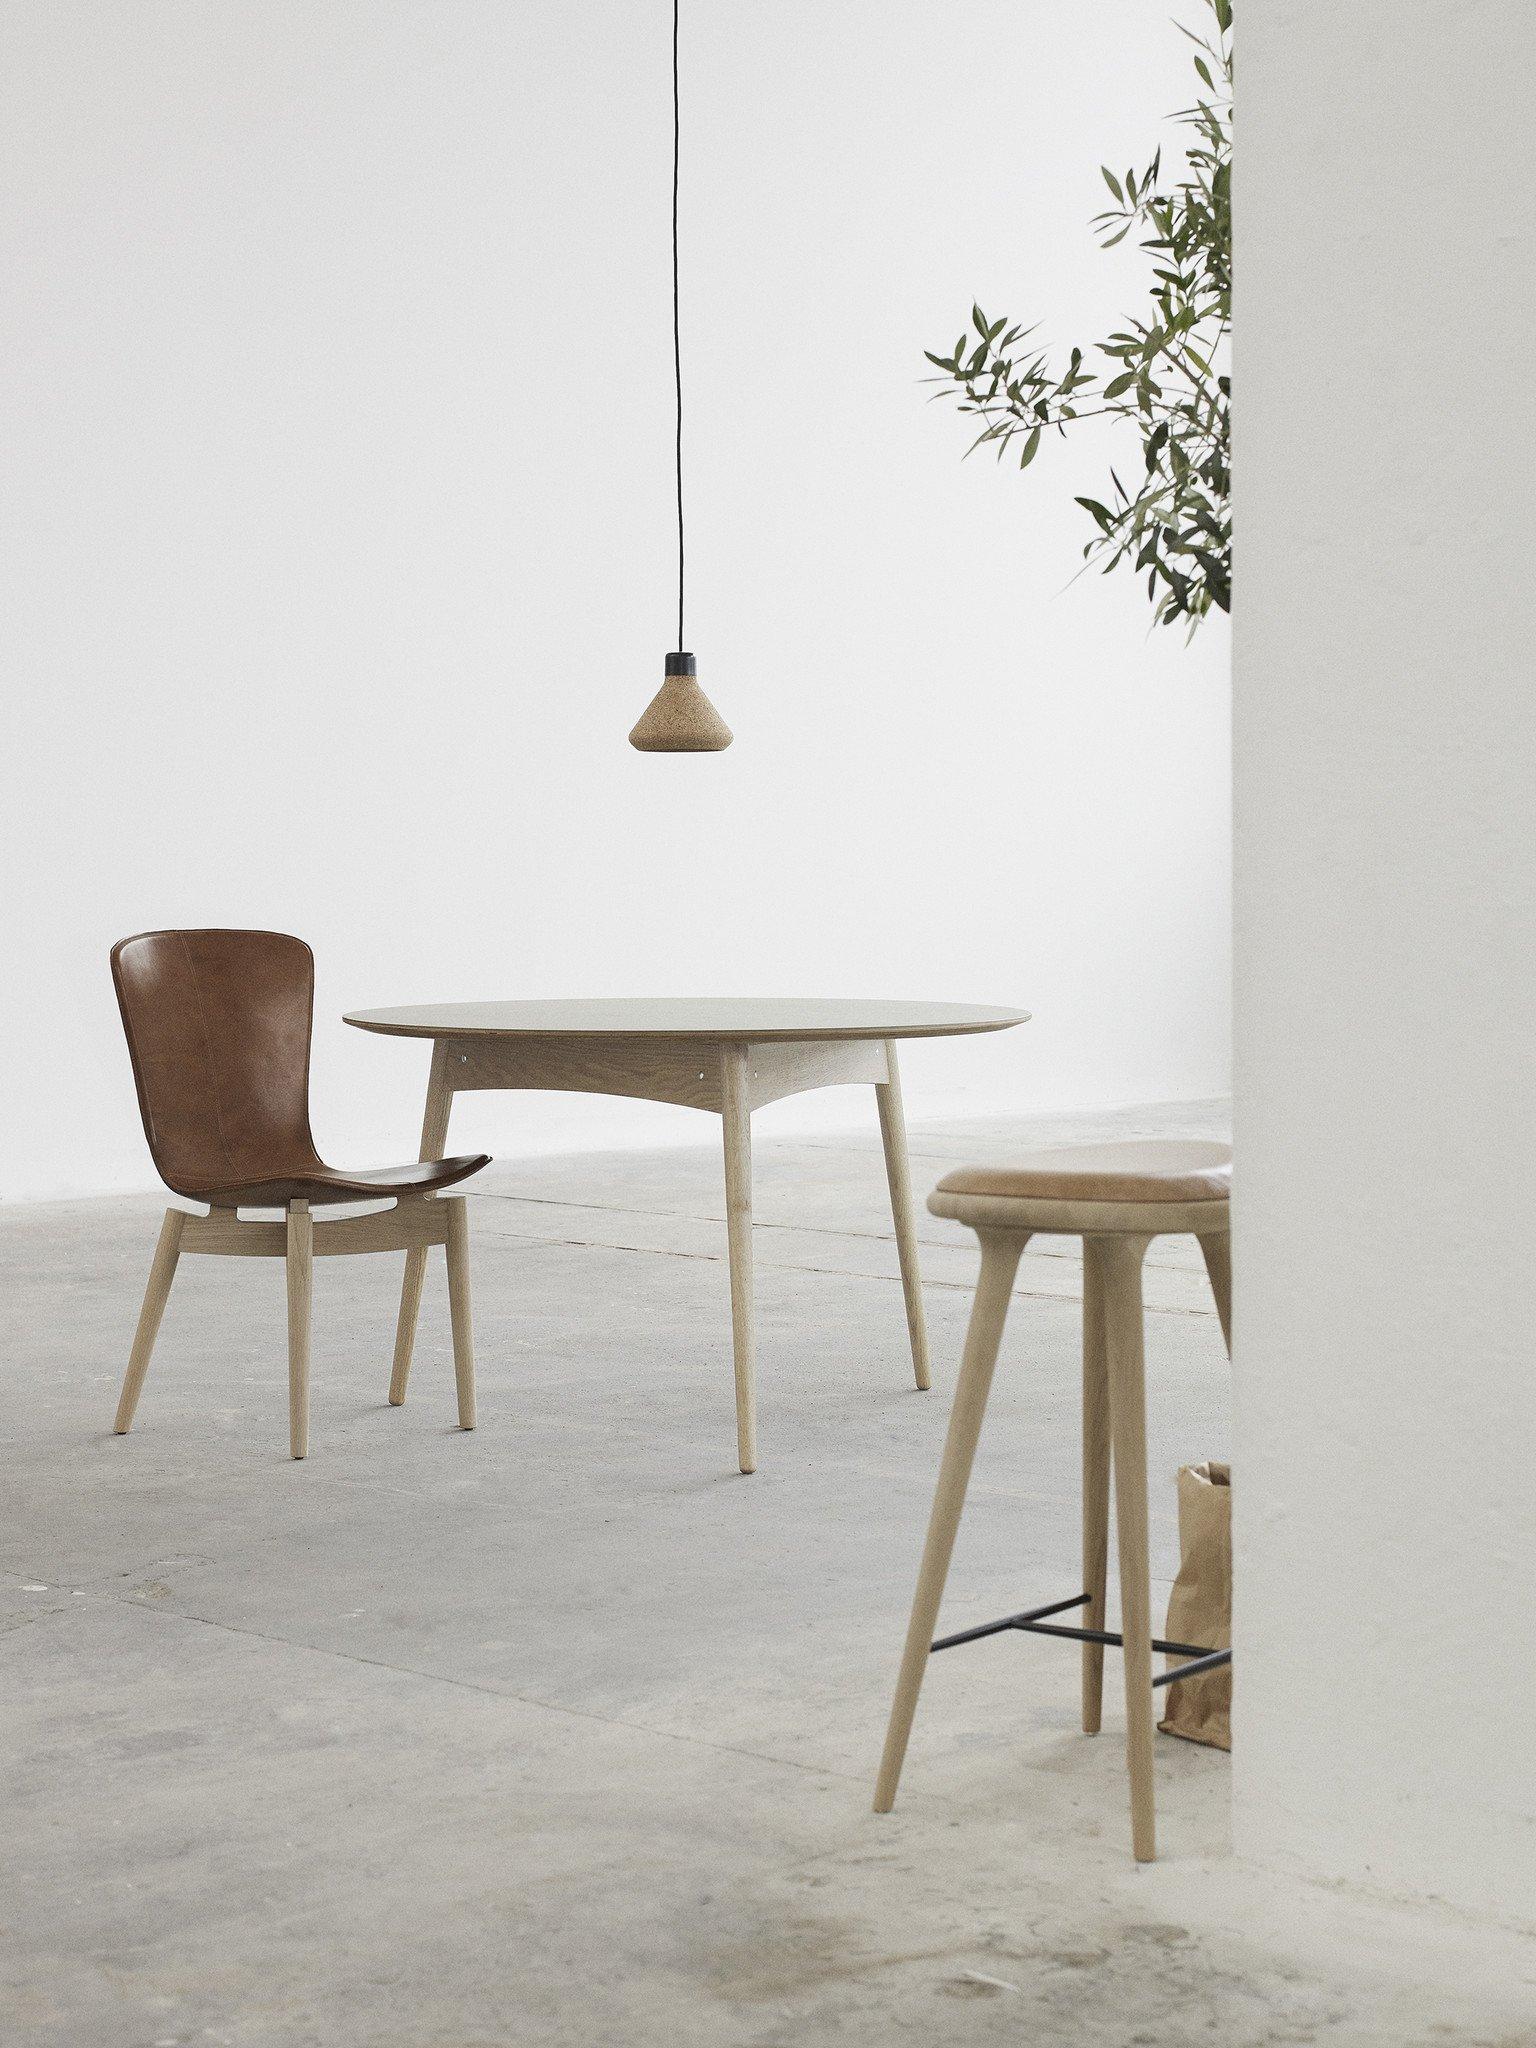 Luiz Lamp von Mater über Tisch DesignOrt Onlineshop